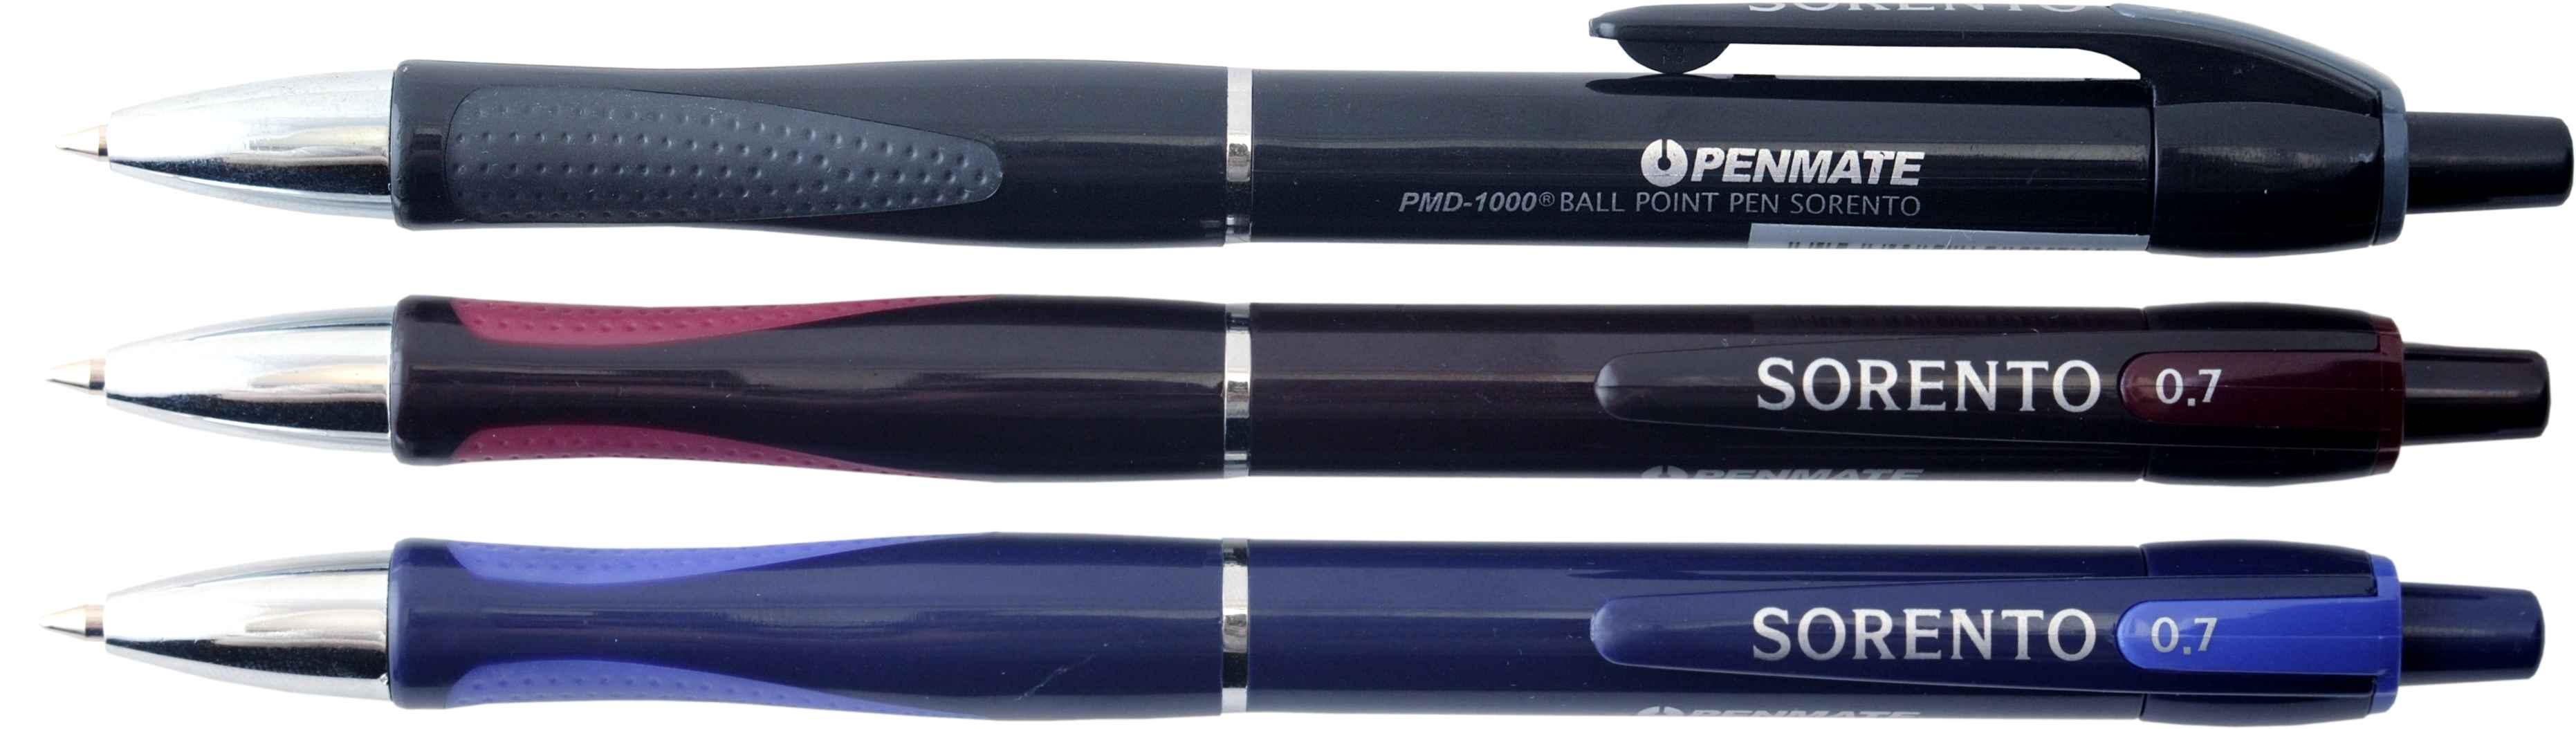 Ручка шариковая автоматическая SORENTO, стержень син., цвет корпуса ассорт.